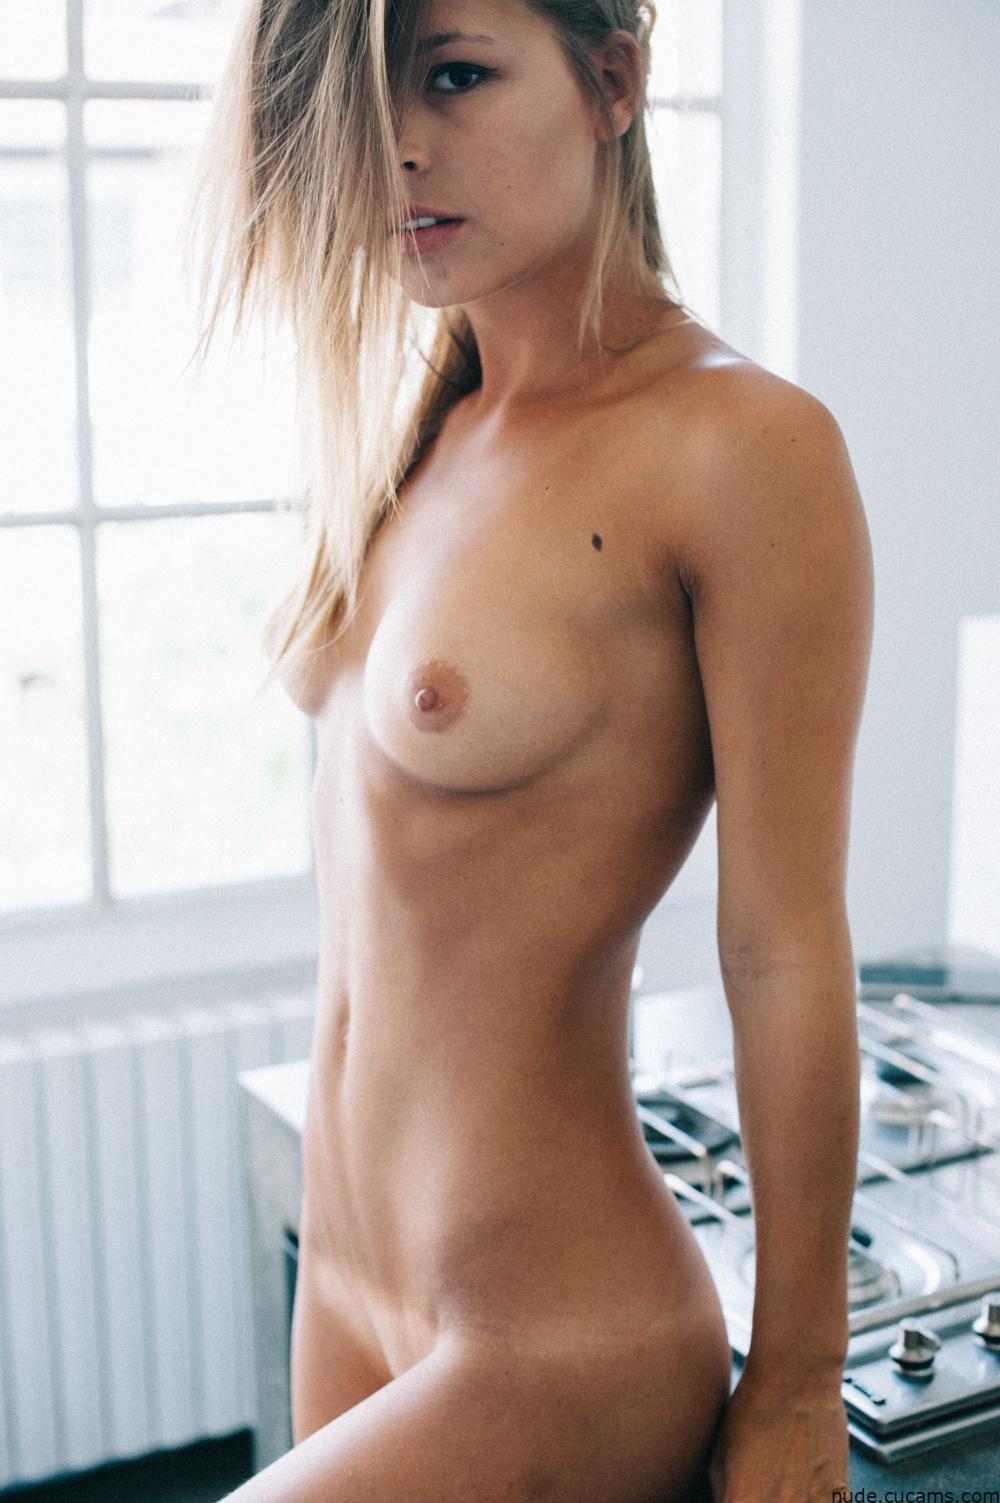 Nude Labia Lingerie by nude.cucams.com